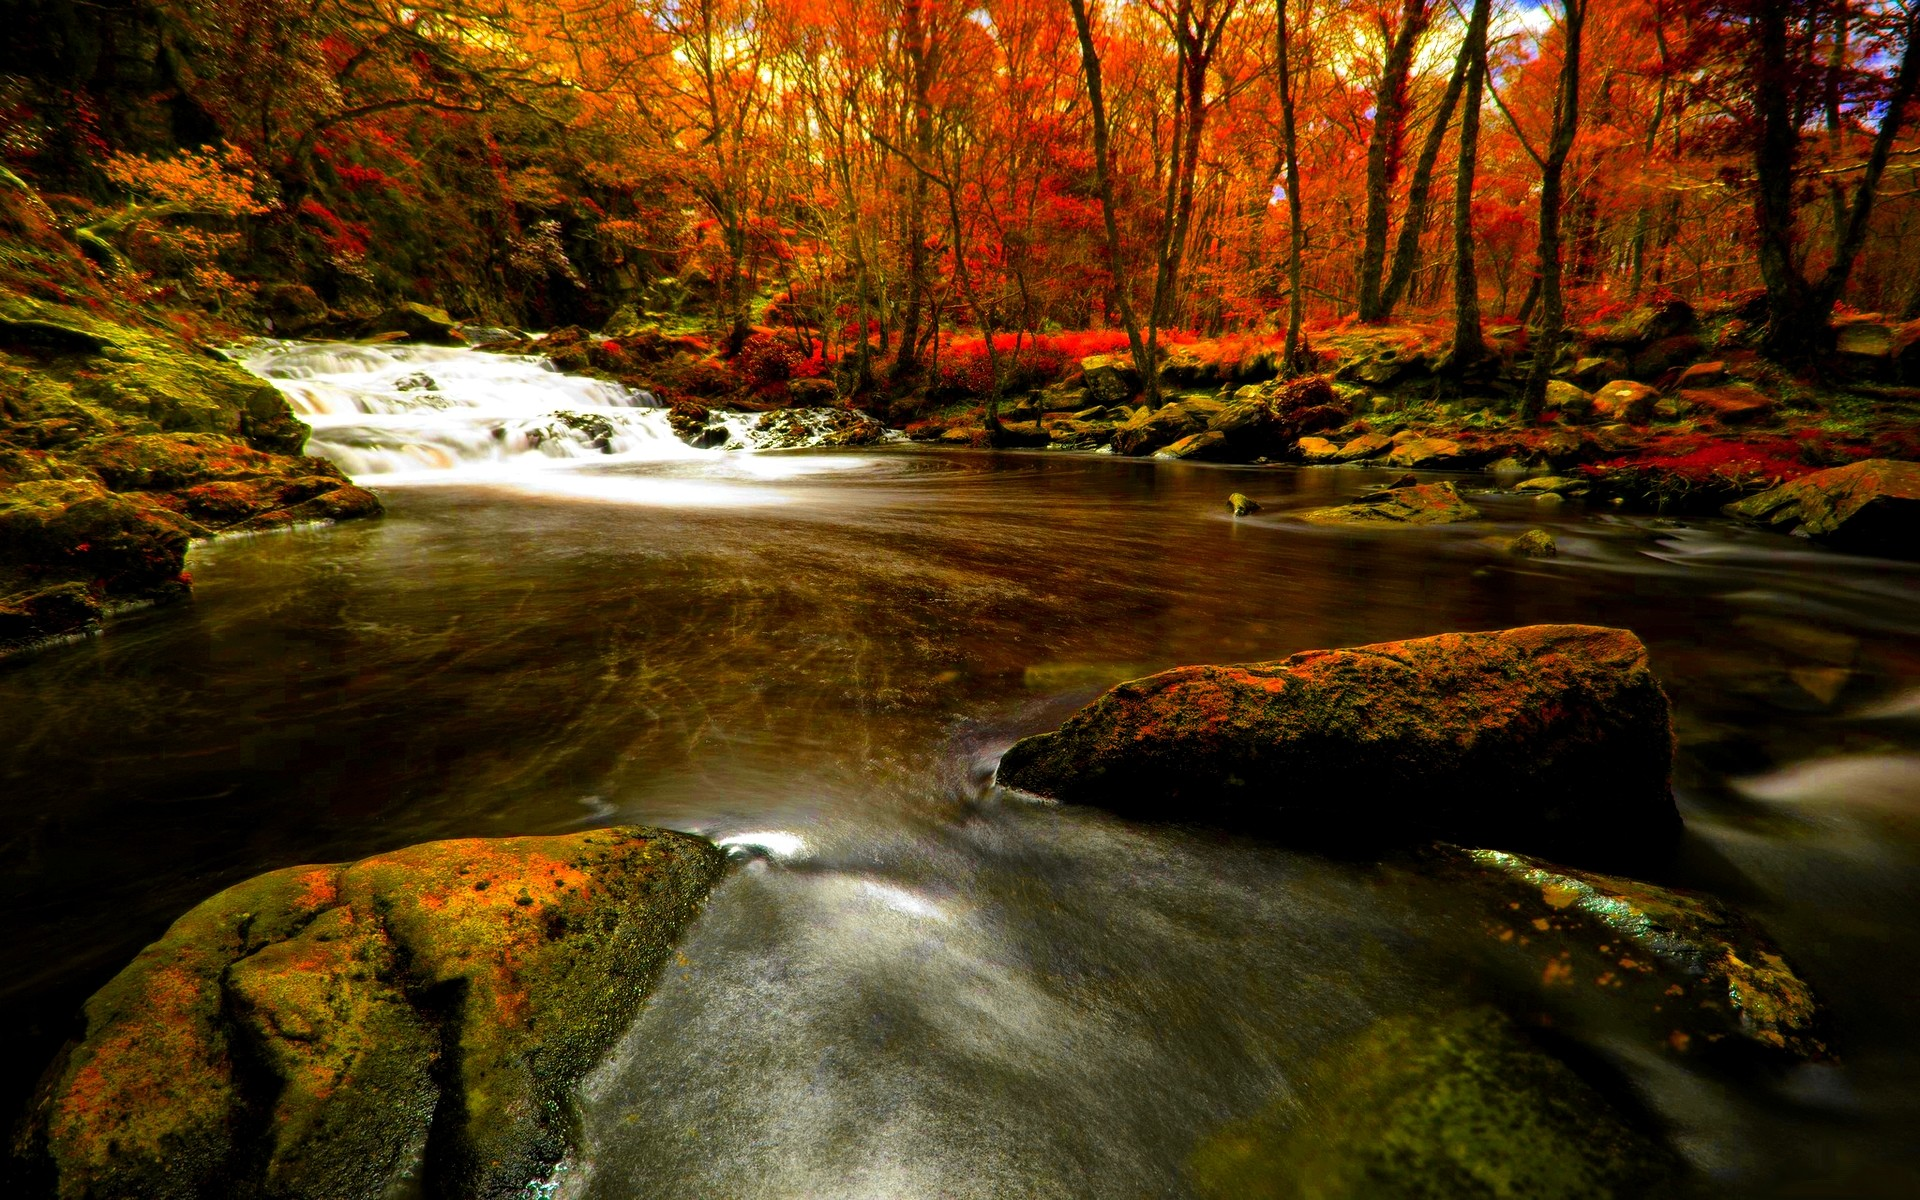 Autumn River Wallpaper Widescreen.